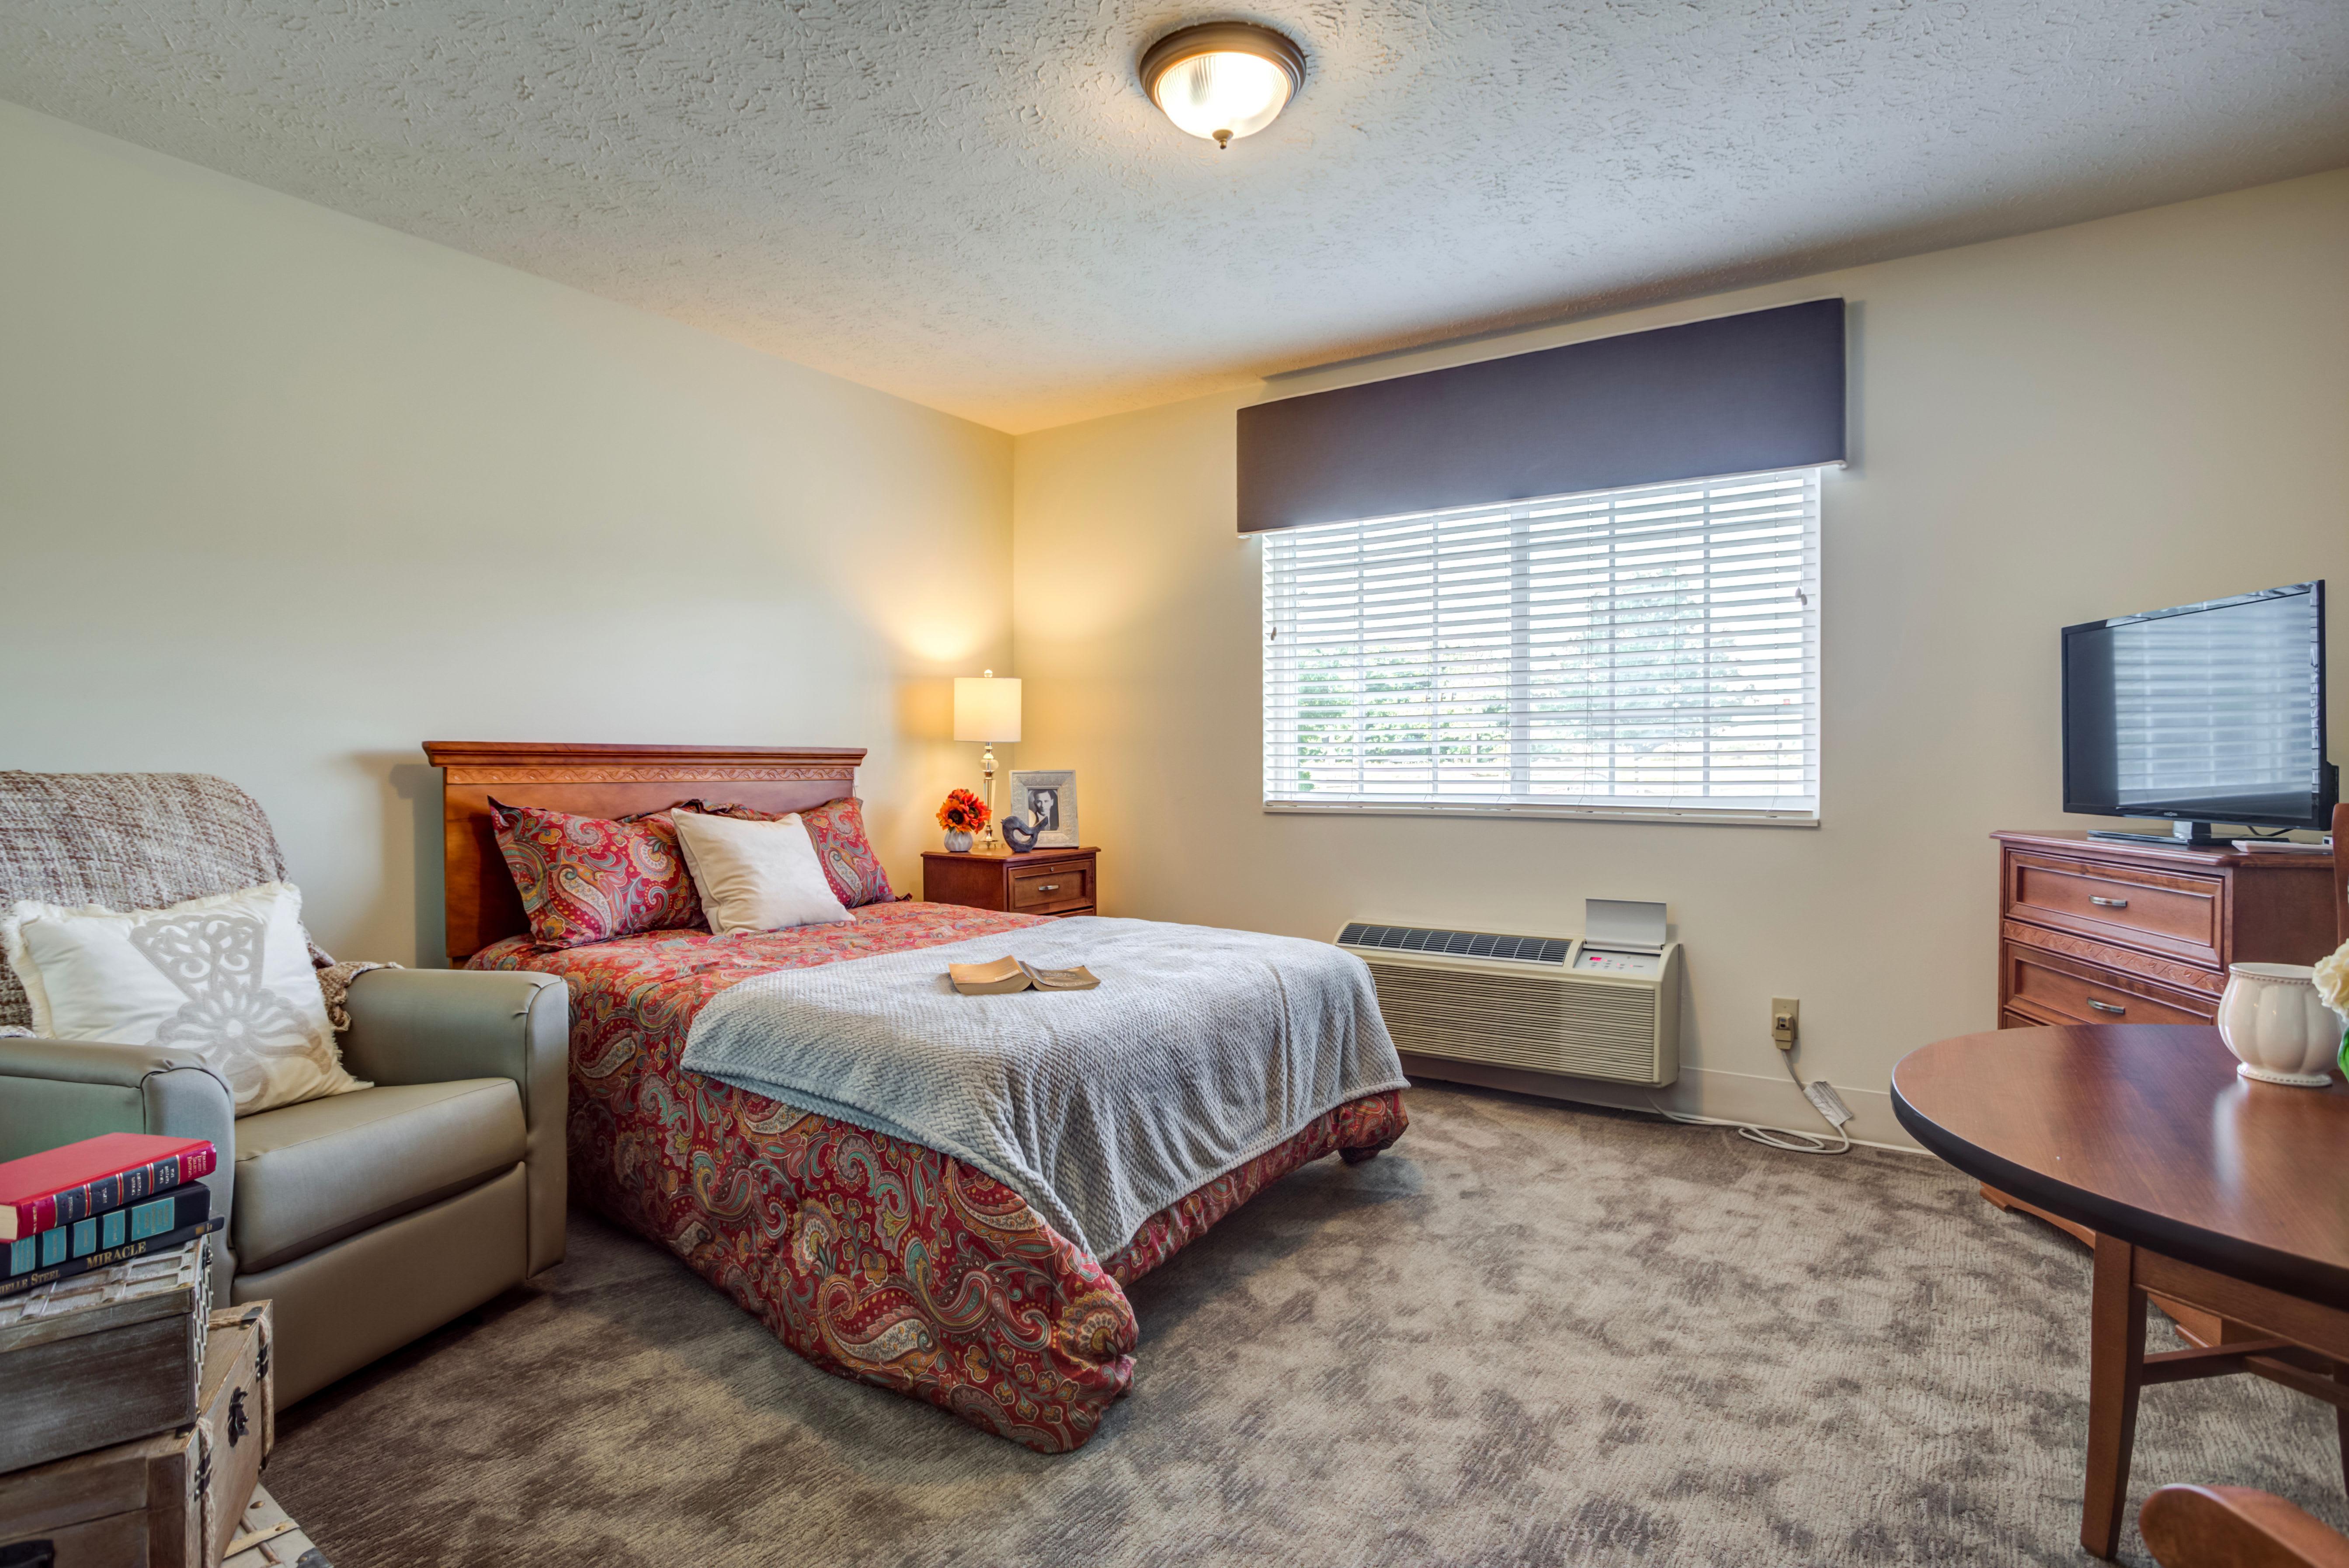 Model bedroom at Glen Ridge Health Campus in Louisville, Kentucky